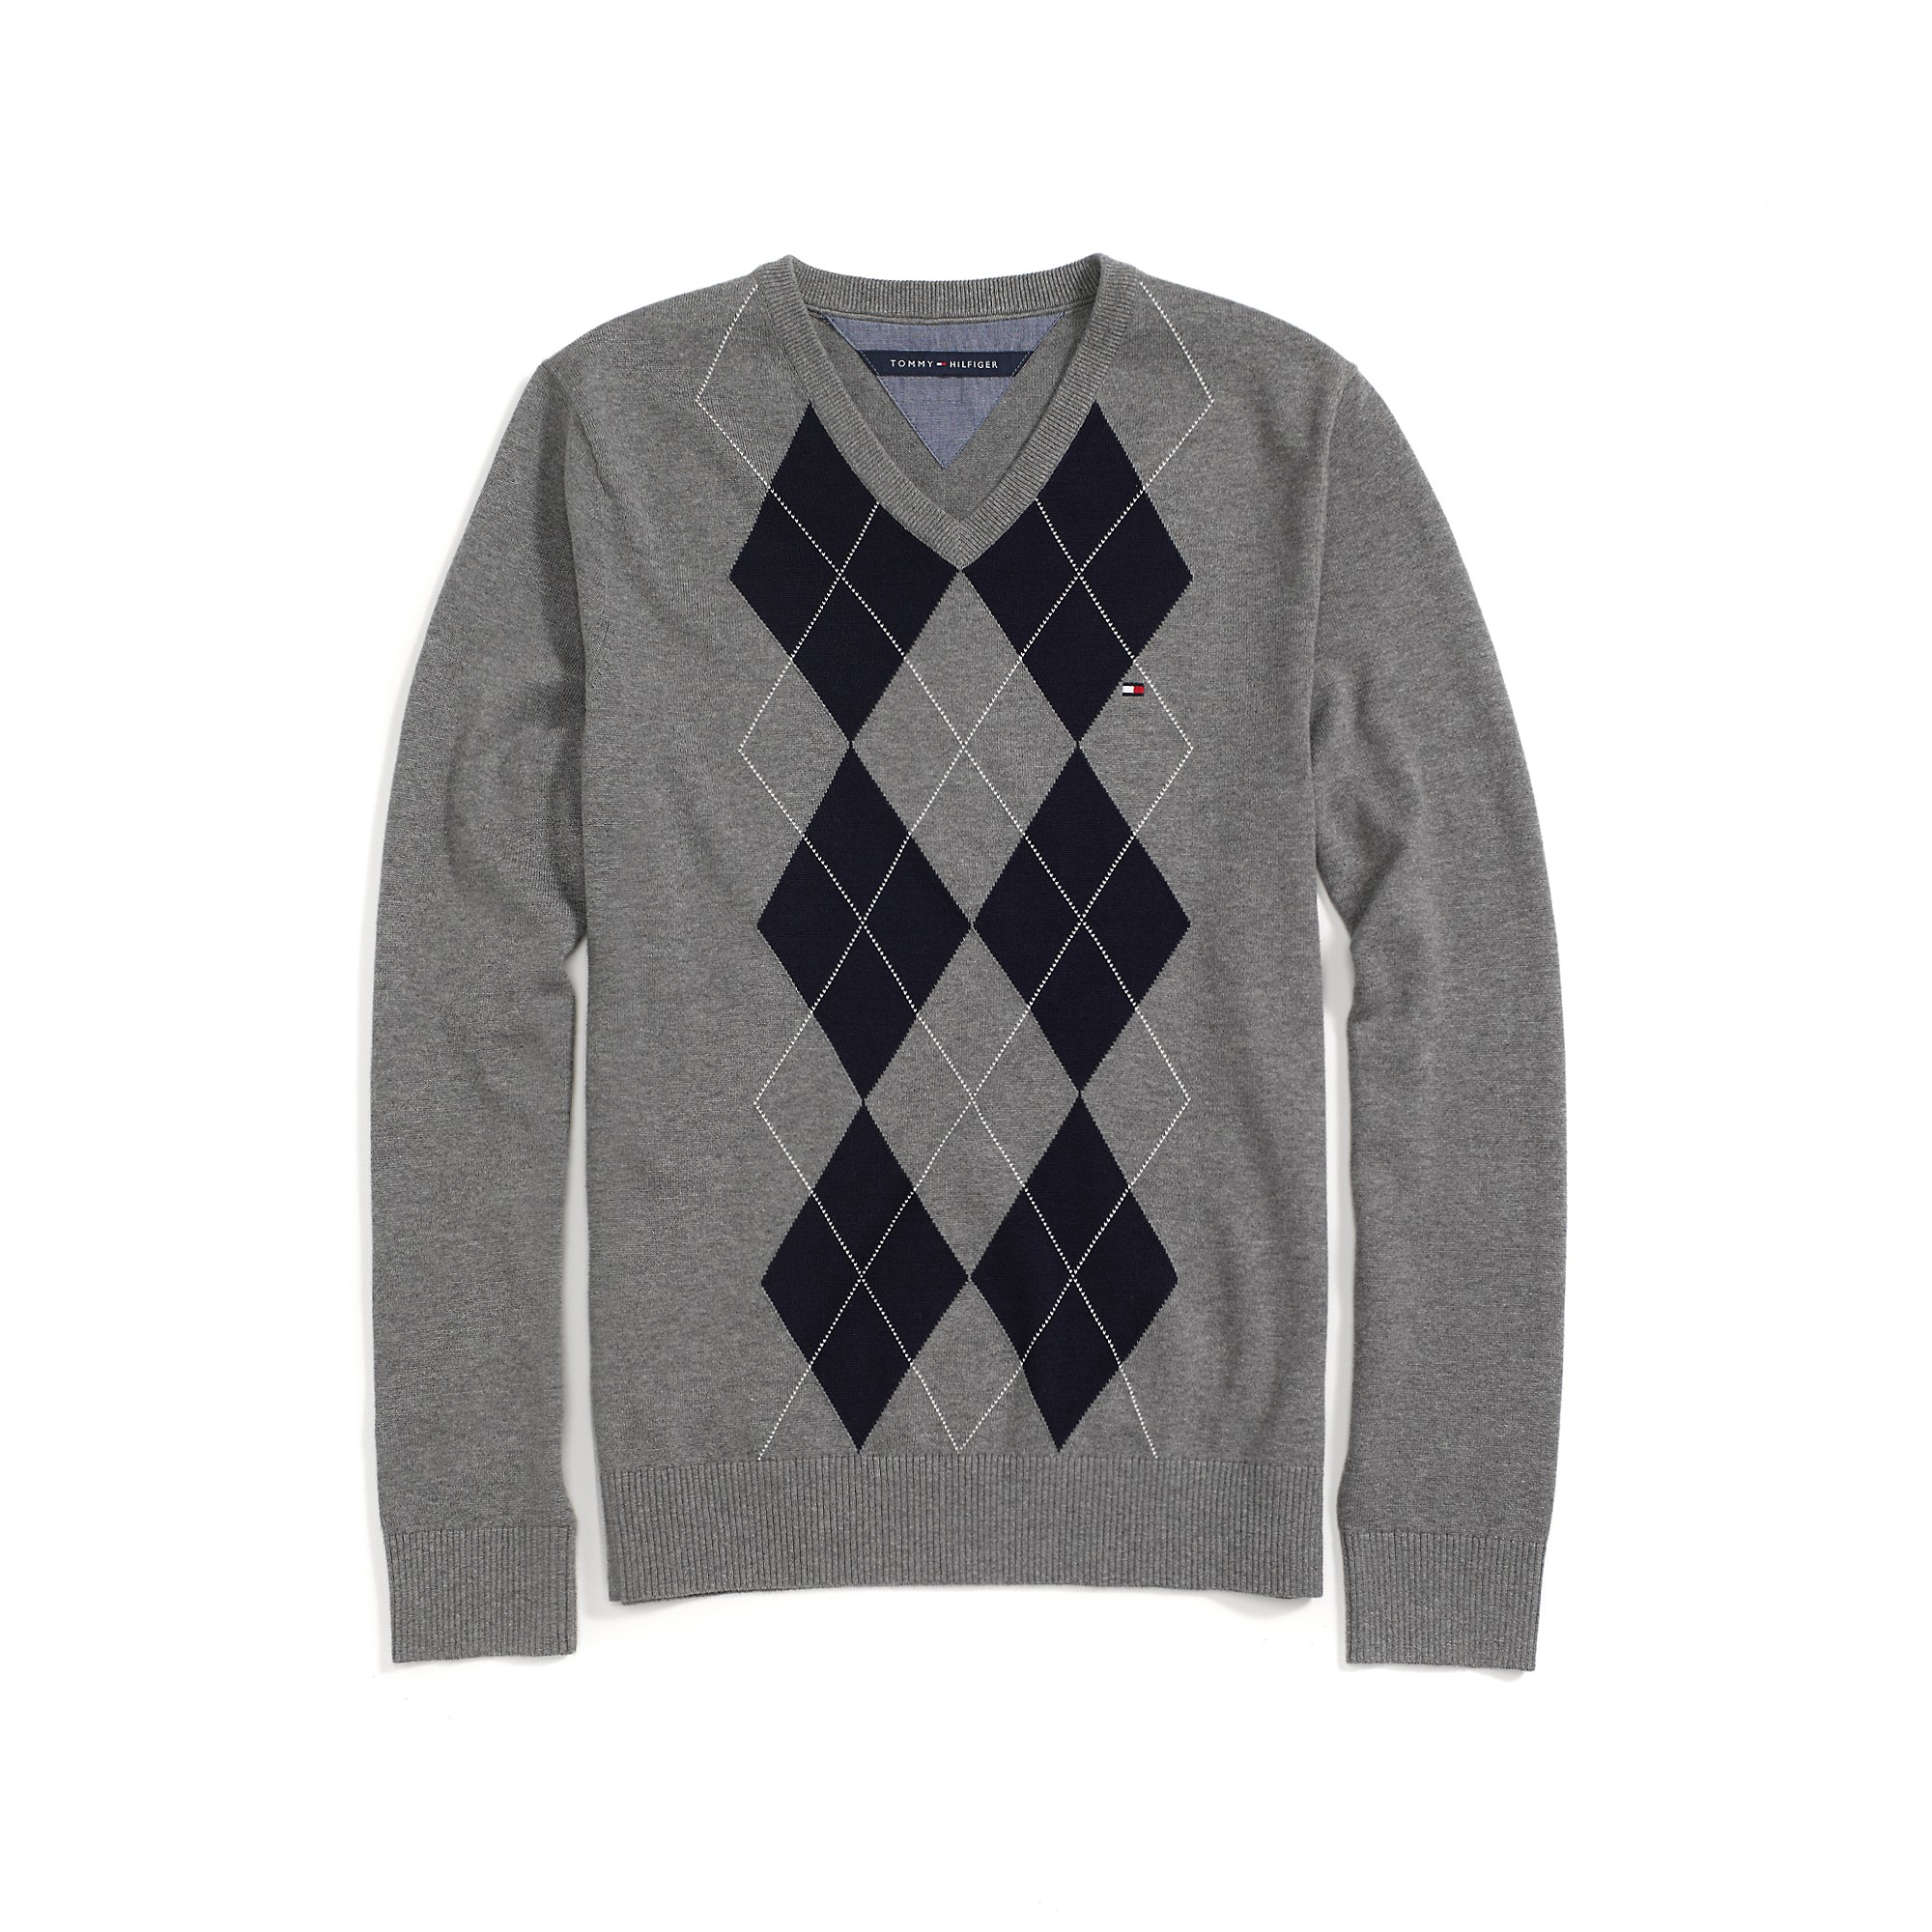 Tommy Hilfiger V Neck Argyle Sweater In Gray For Men